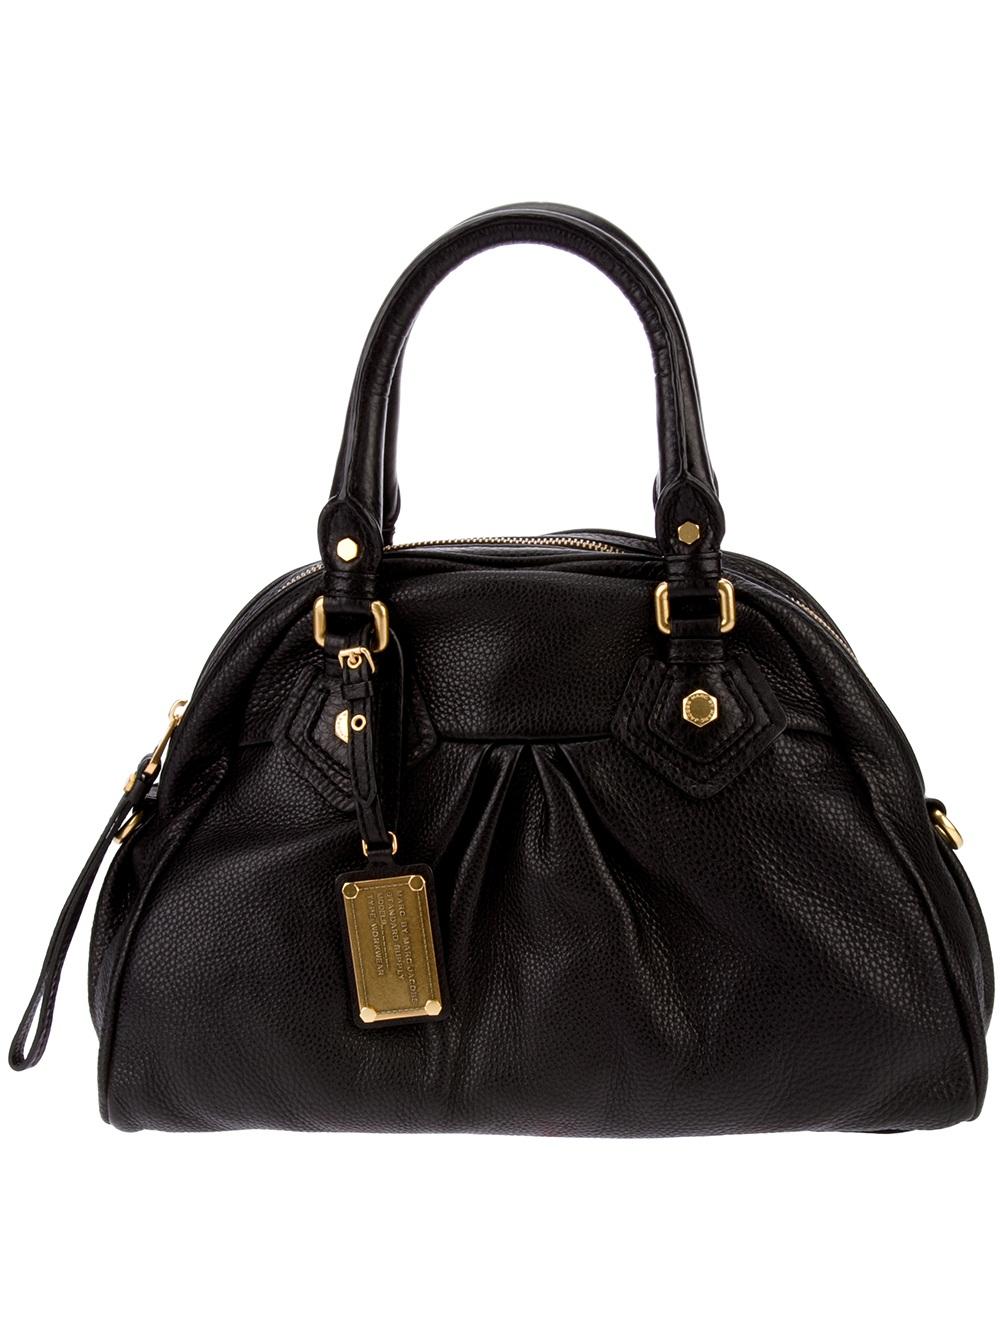 lyst marc by marc jacobs handbag in black. Black Bedroom Furniture Sets. Home Design Ideas